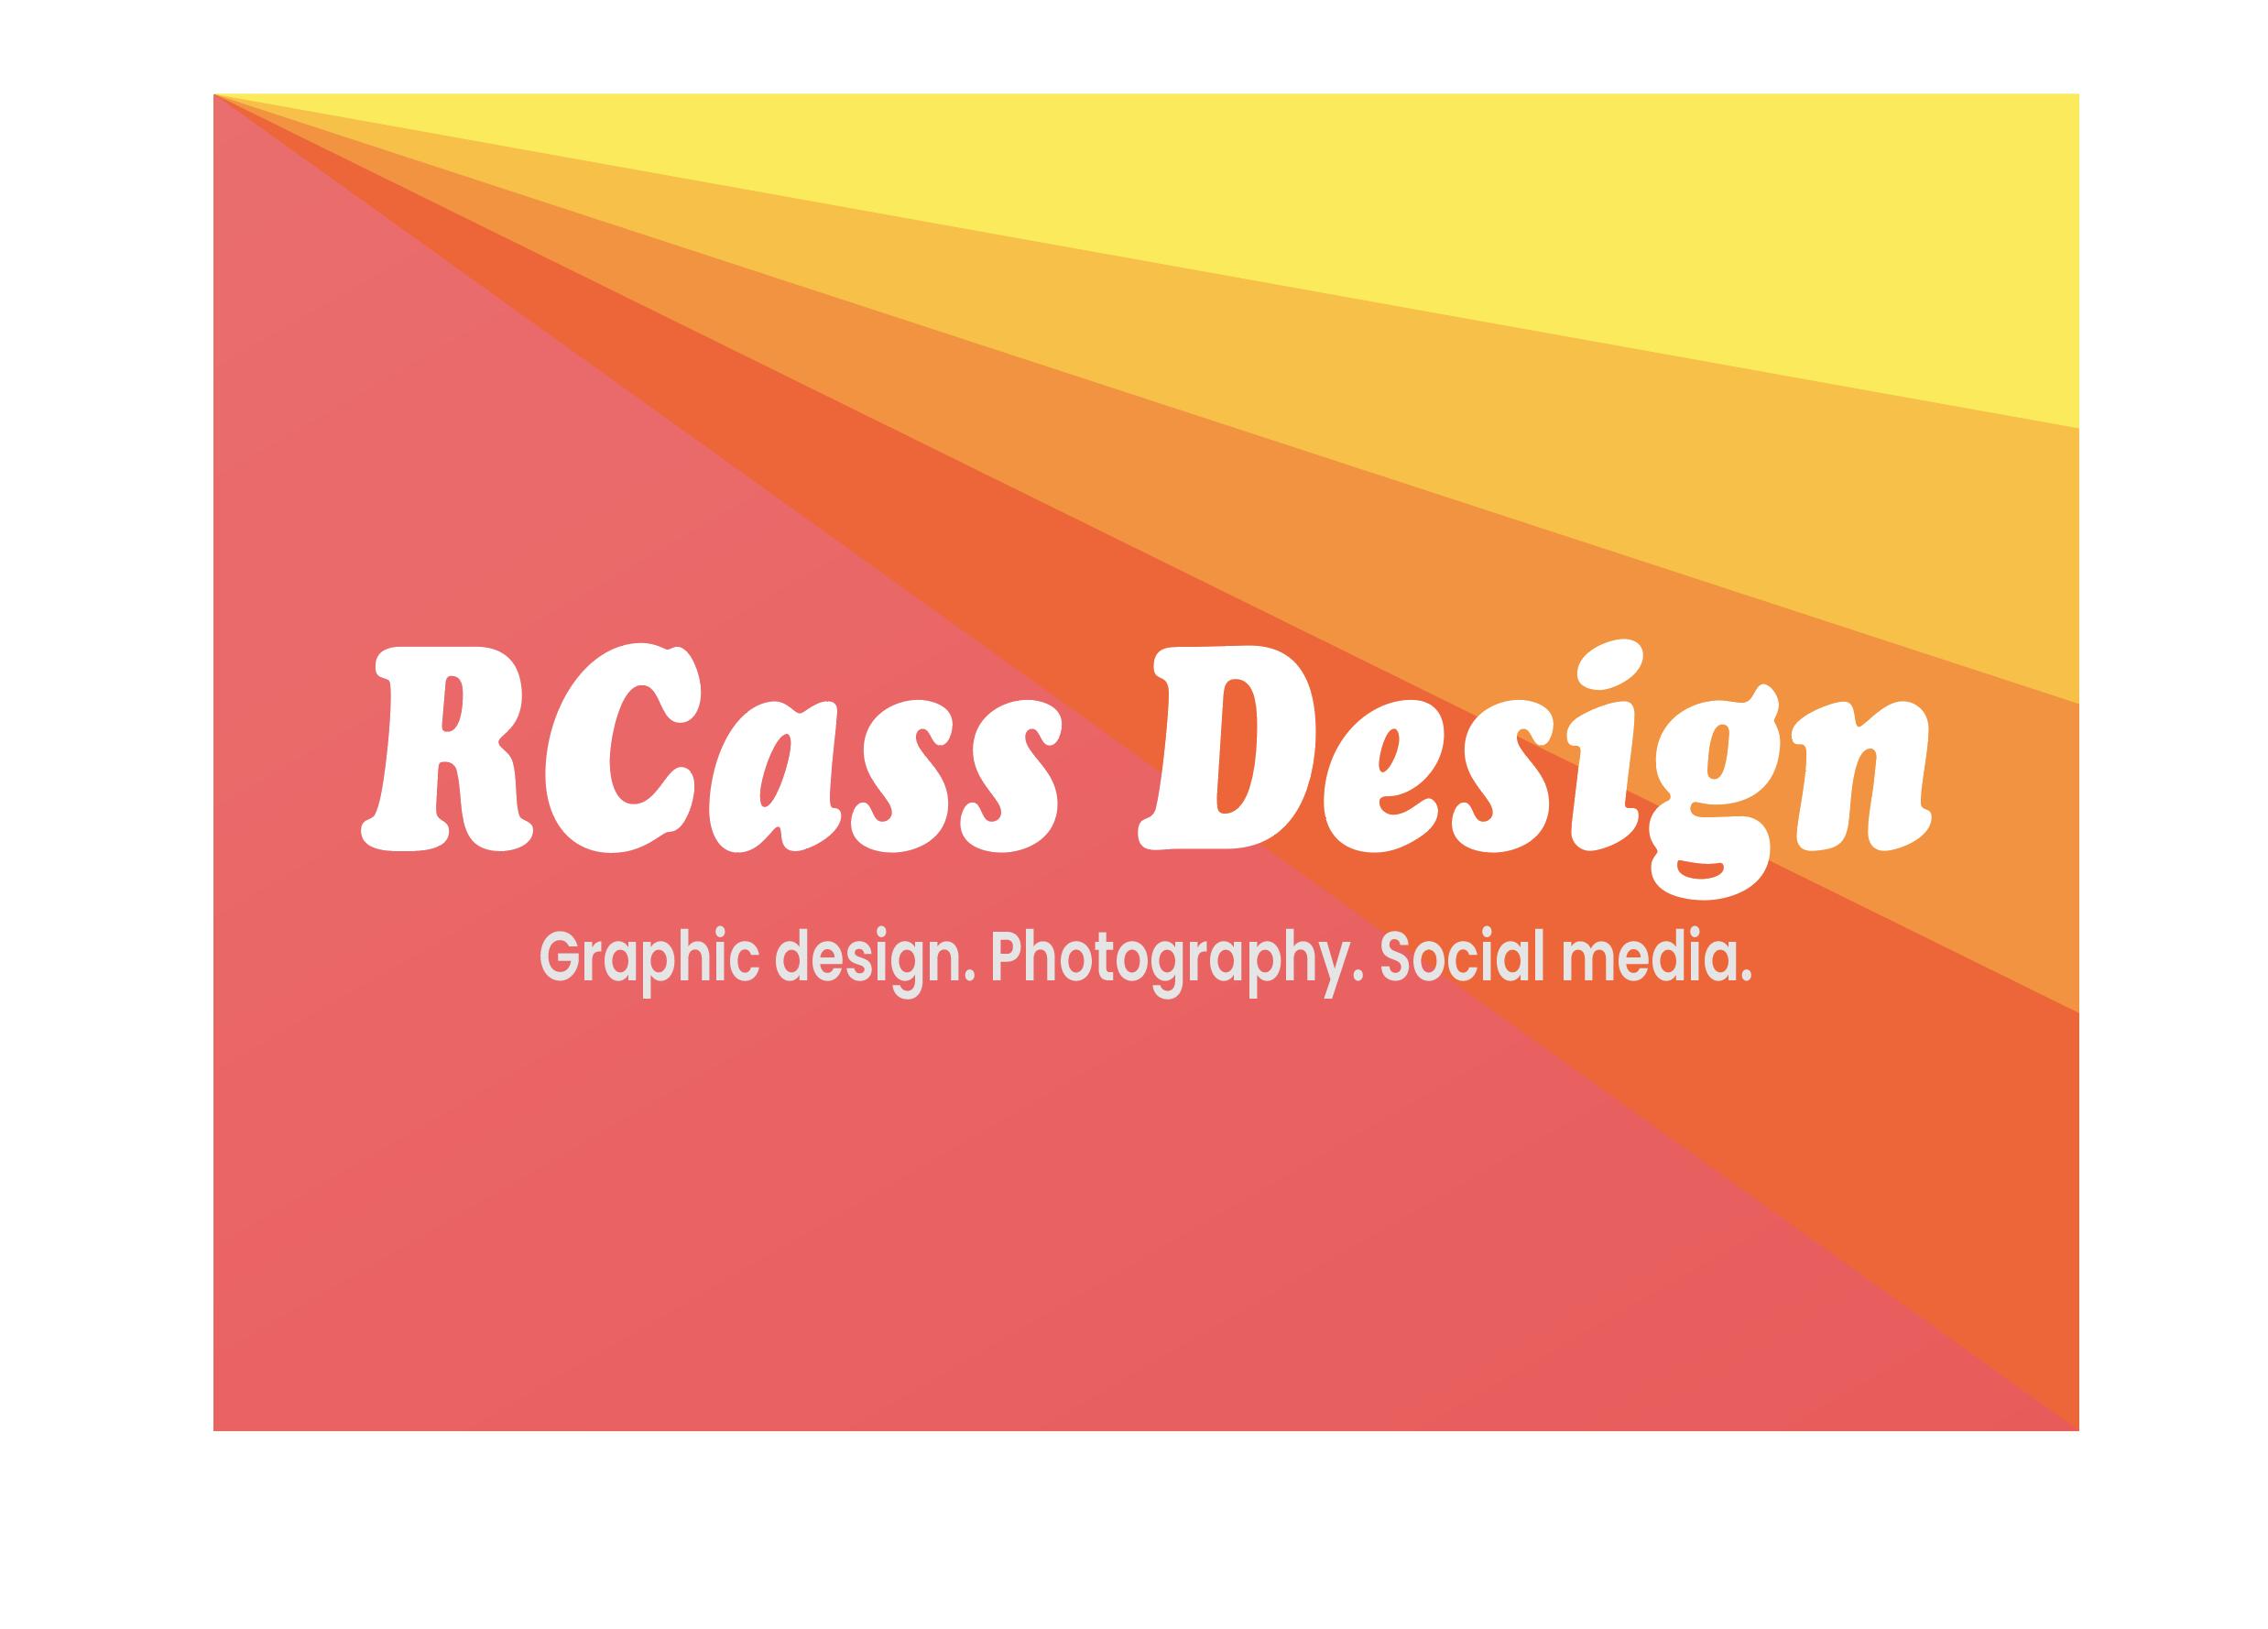 RCass Design